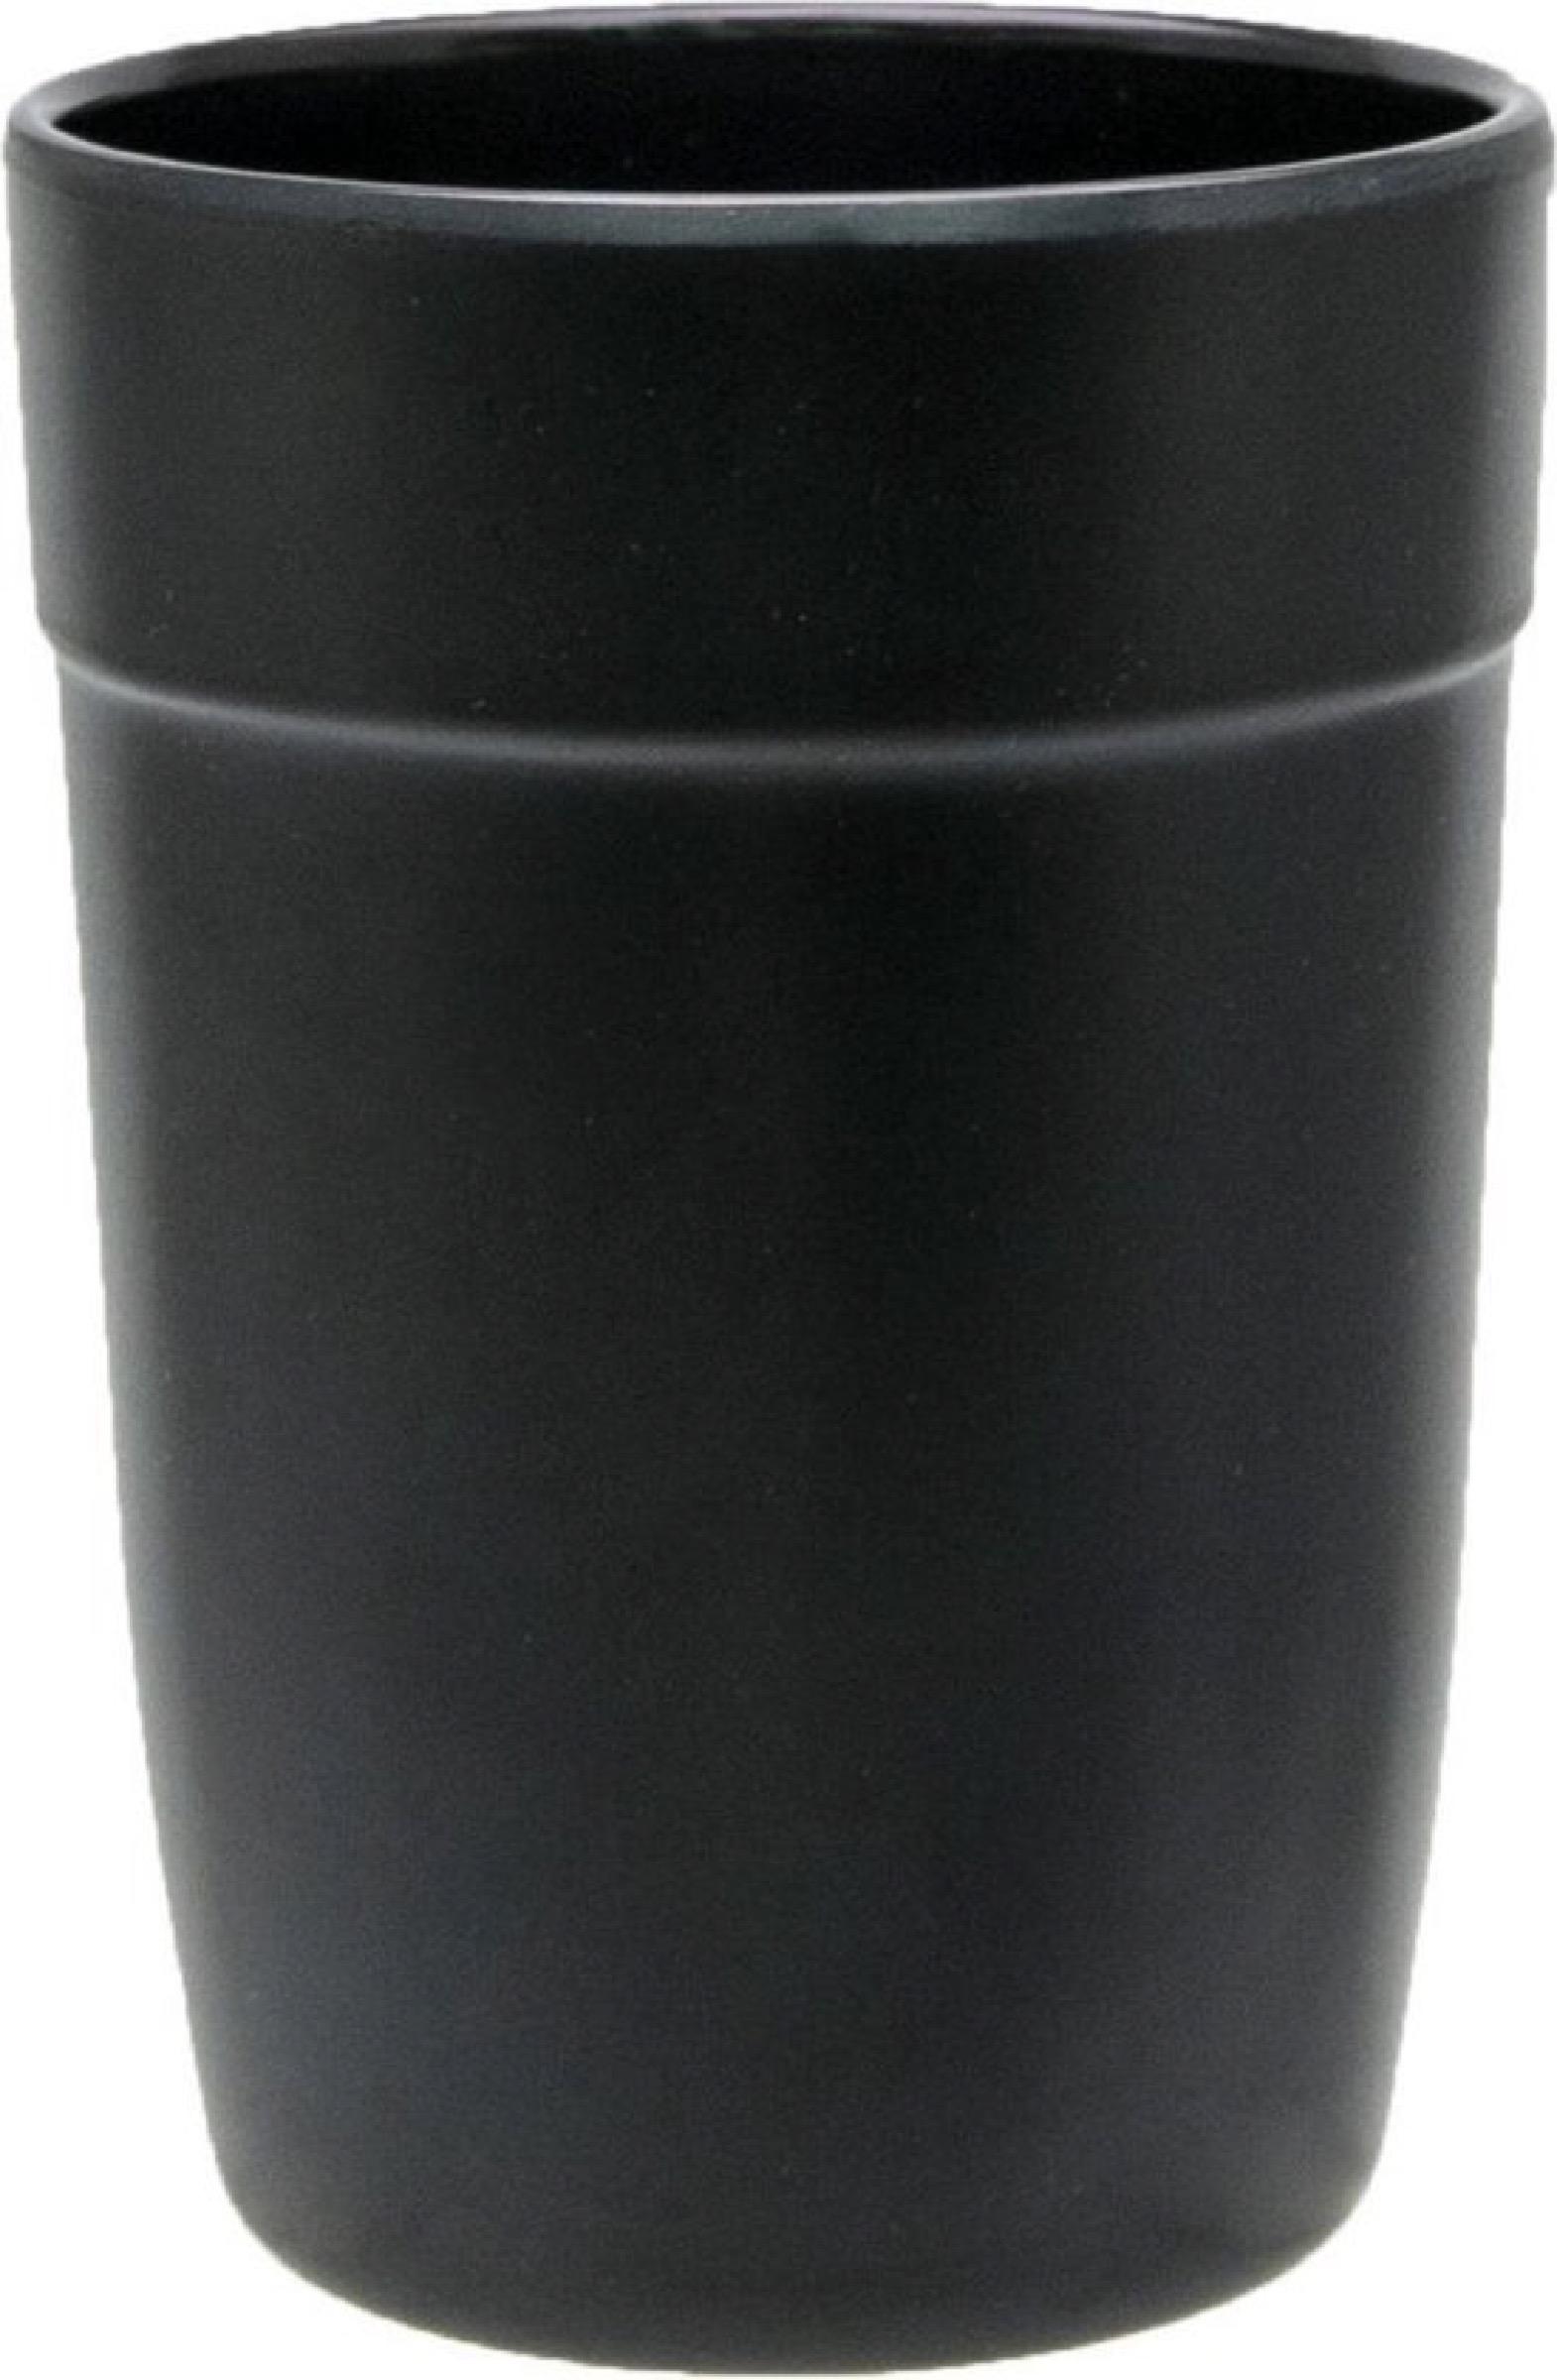 Verre à eau mat noir 35cl